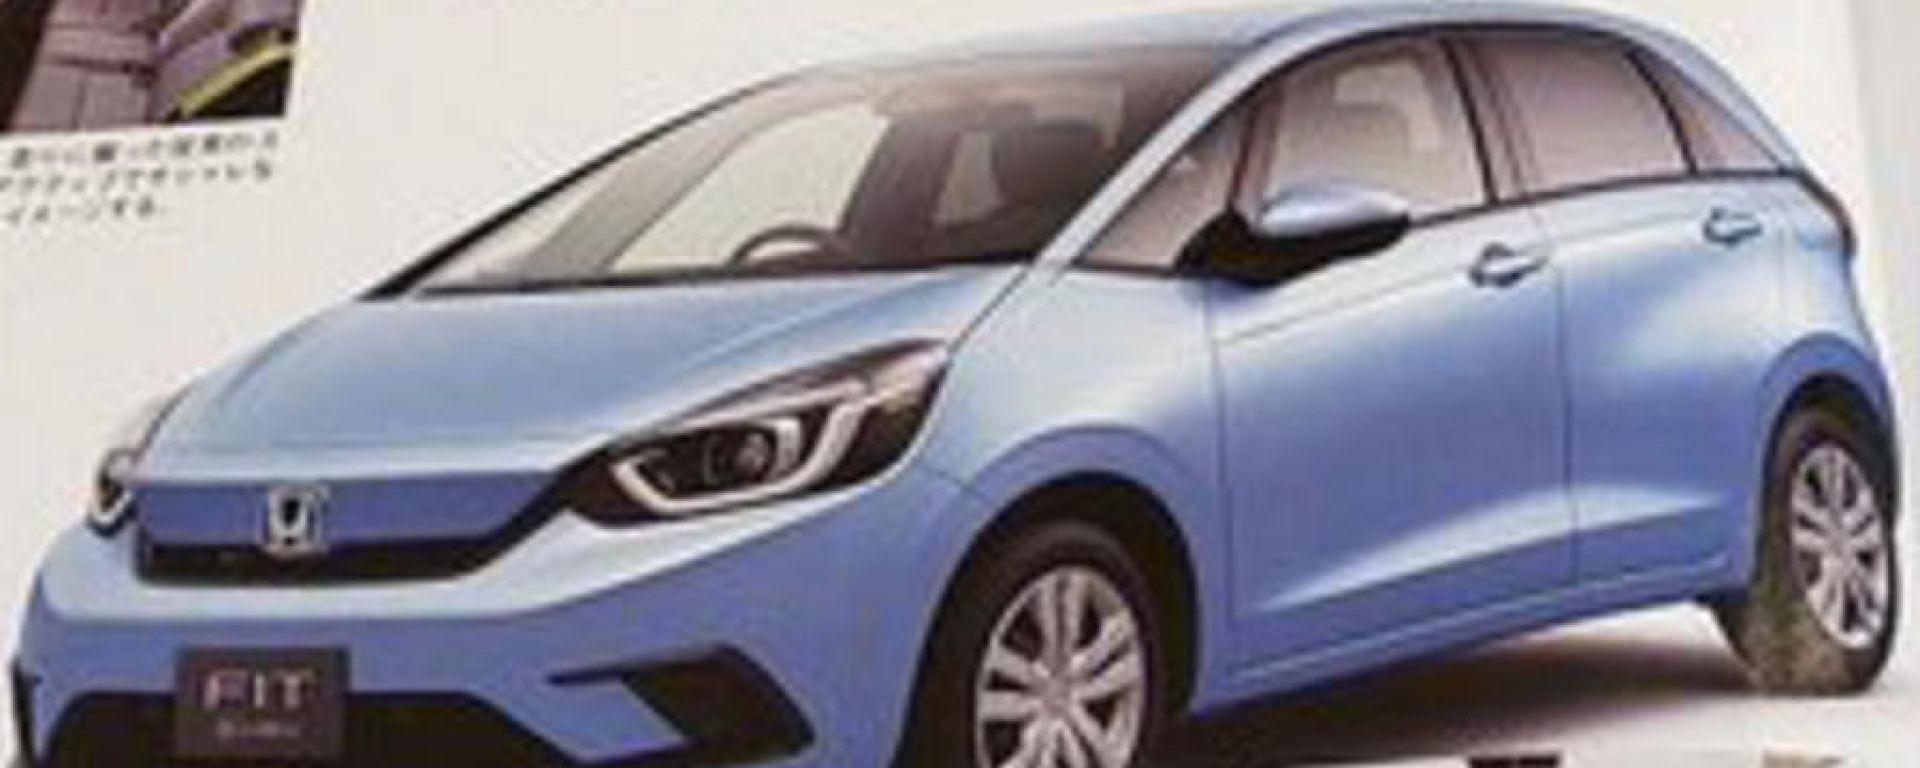 La nuova Honda Jazz 2020 (in Giappone Honda Fit)